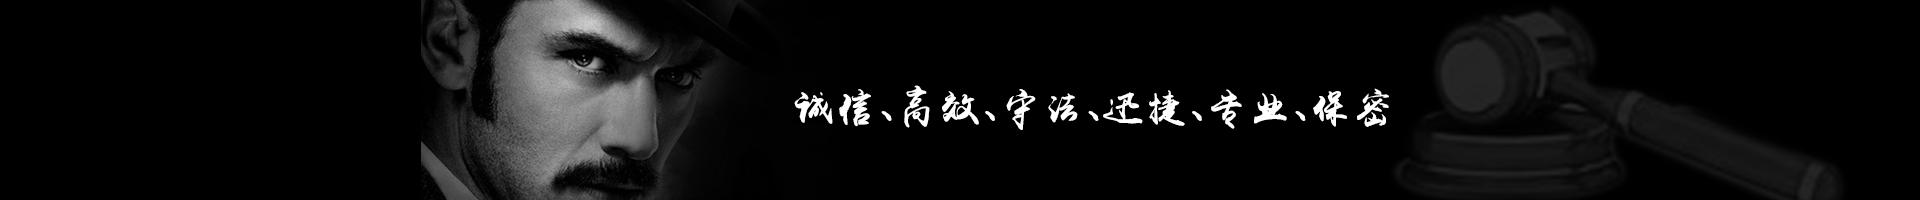 宁波华定调查有限公司